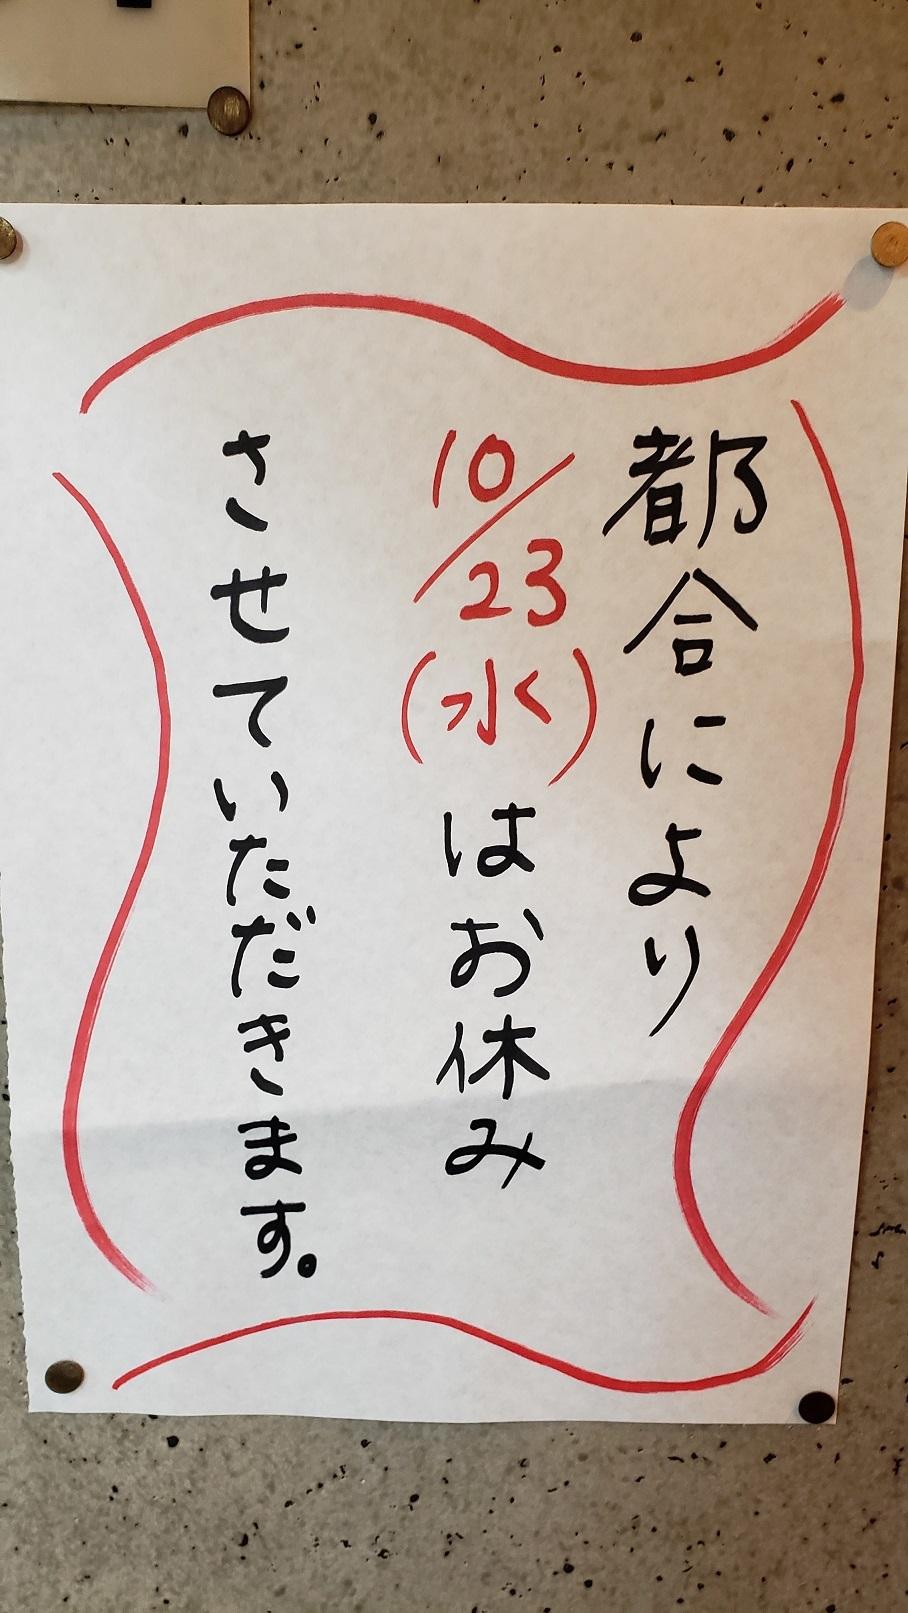 20191022_110611.jpg